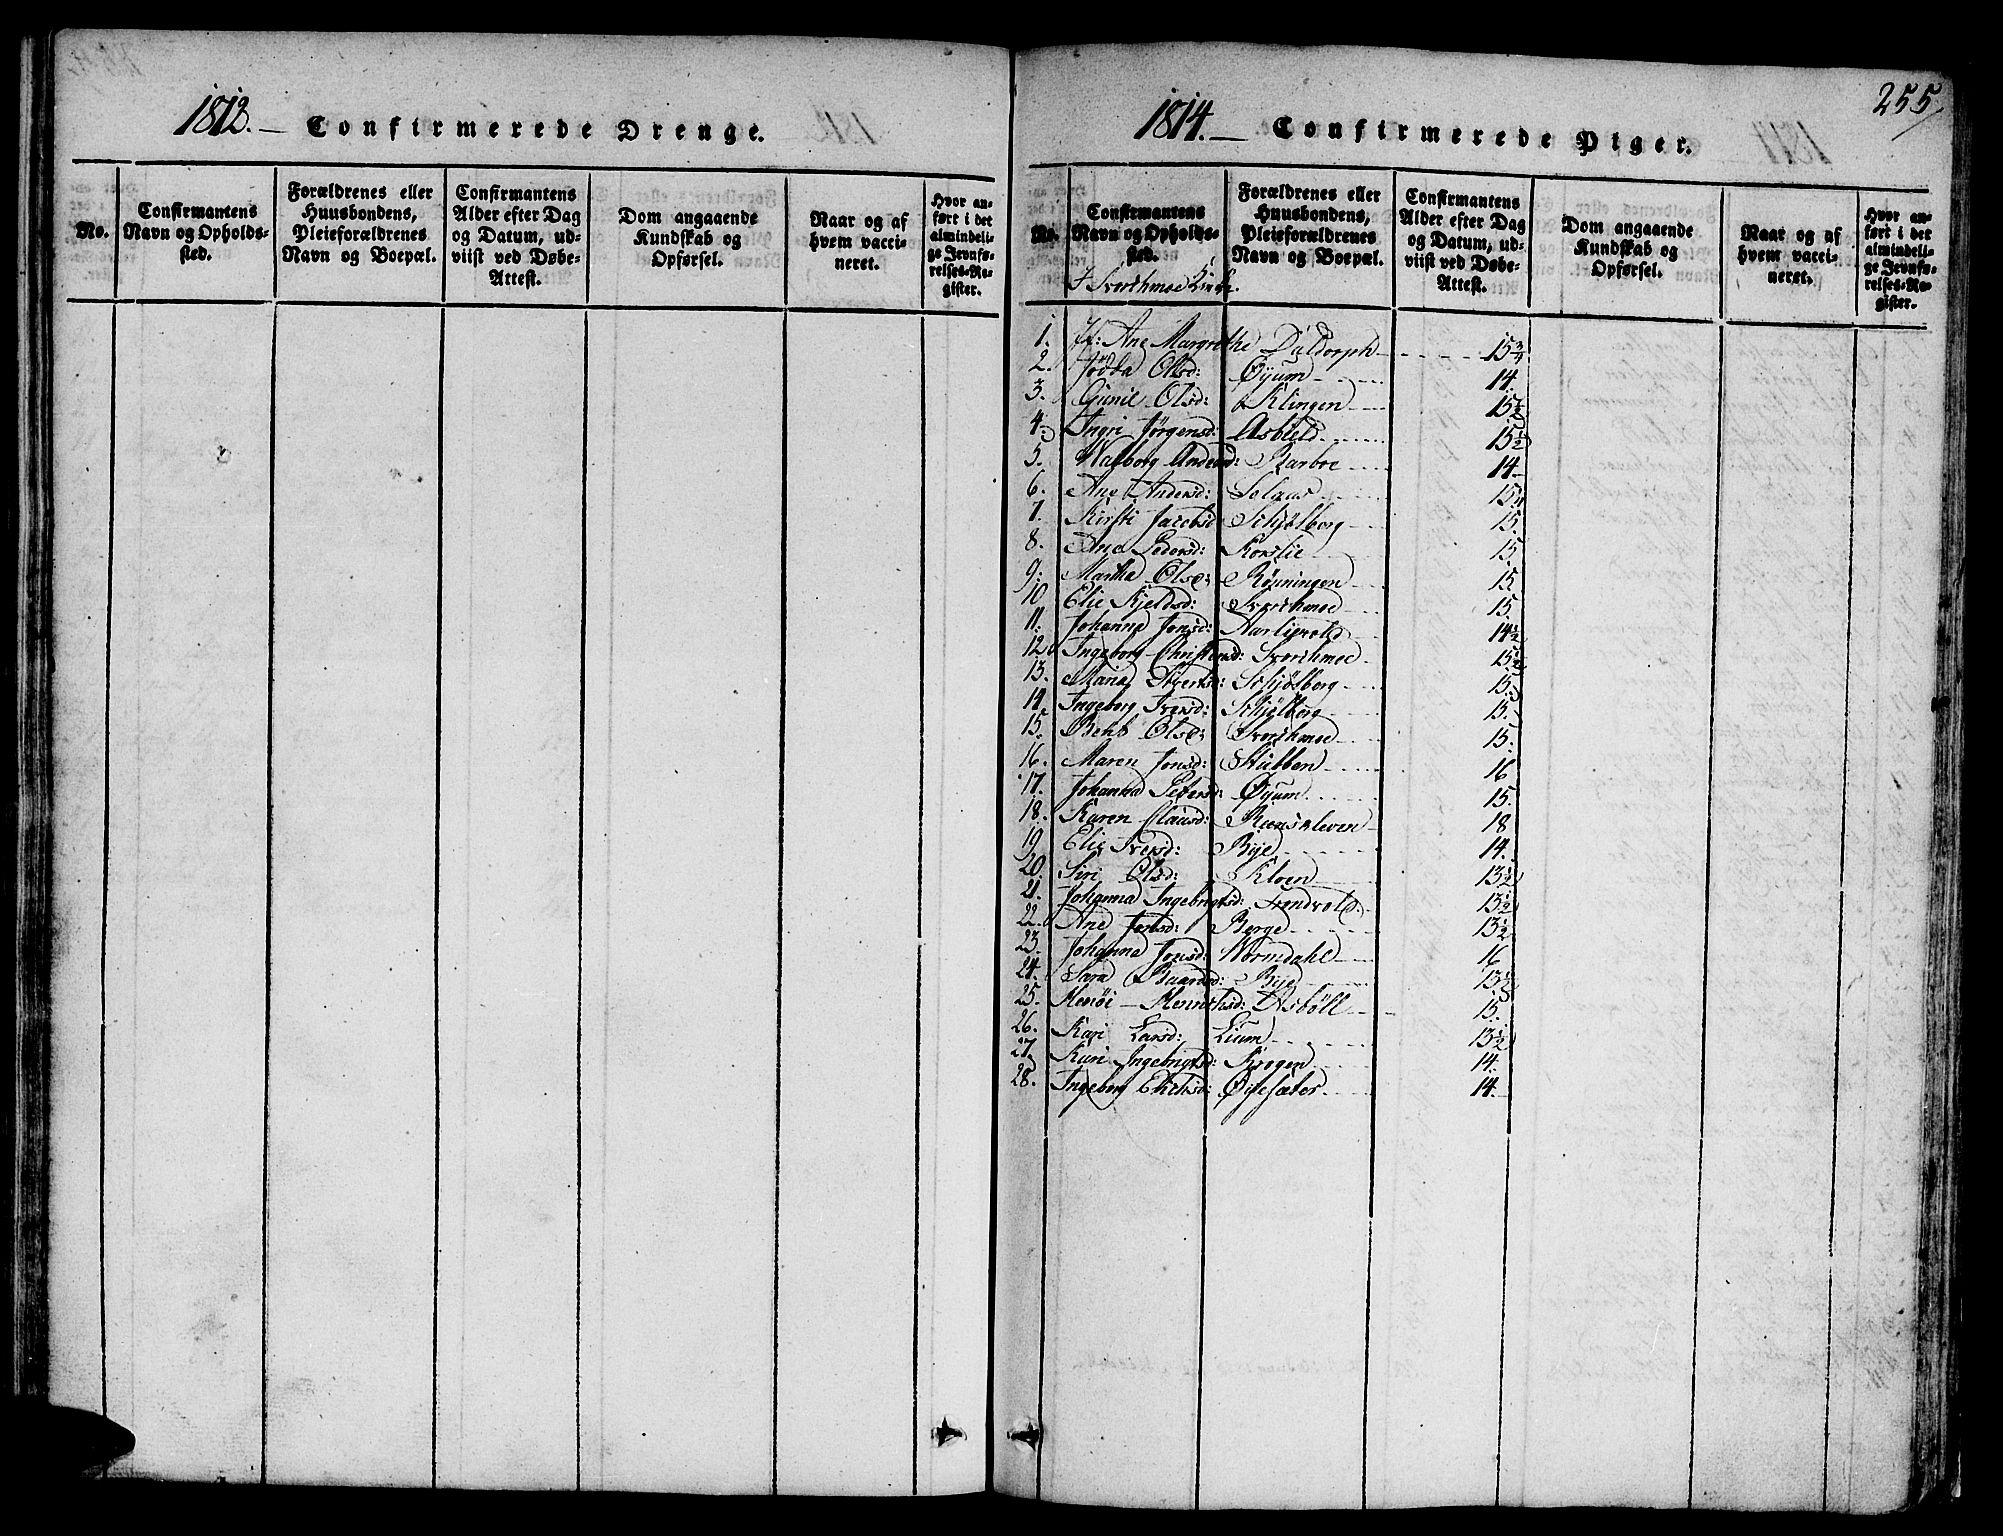 SAT, Ministerialprotokoller, klokkerbøker og fødselsregistre - Sør-Trøndelag, 668/L0803: Ministerialbok nr. 668A03, 1800-1826, s. 255